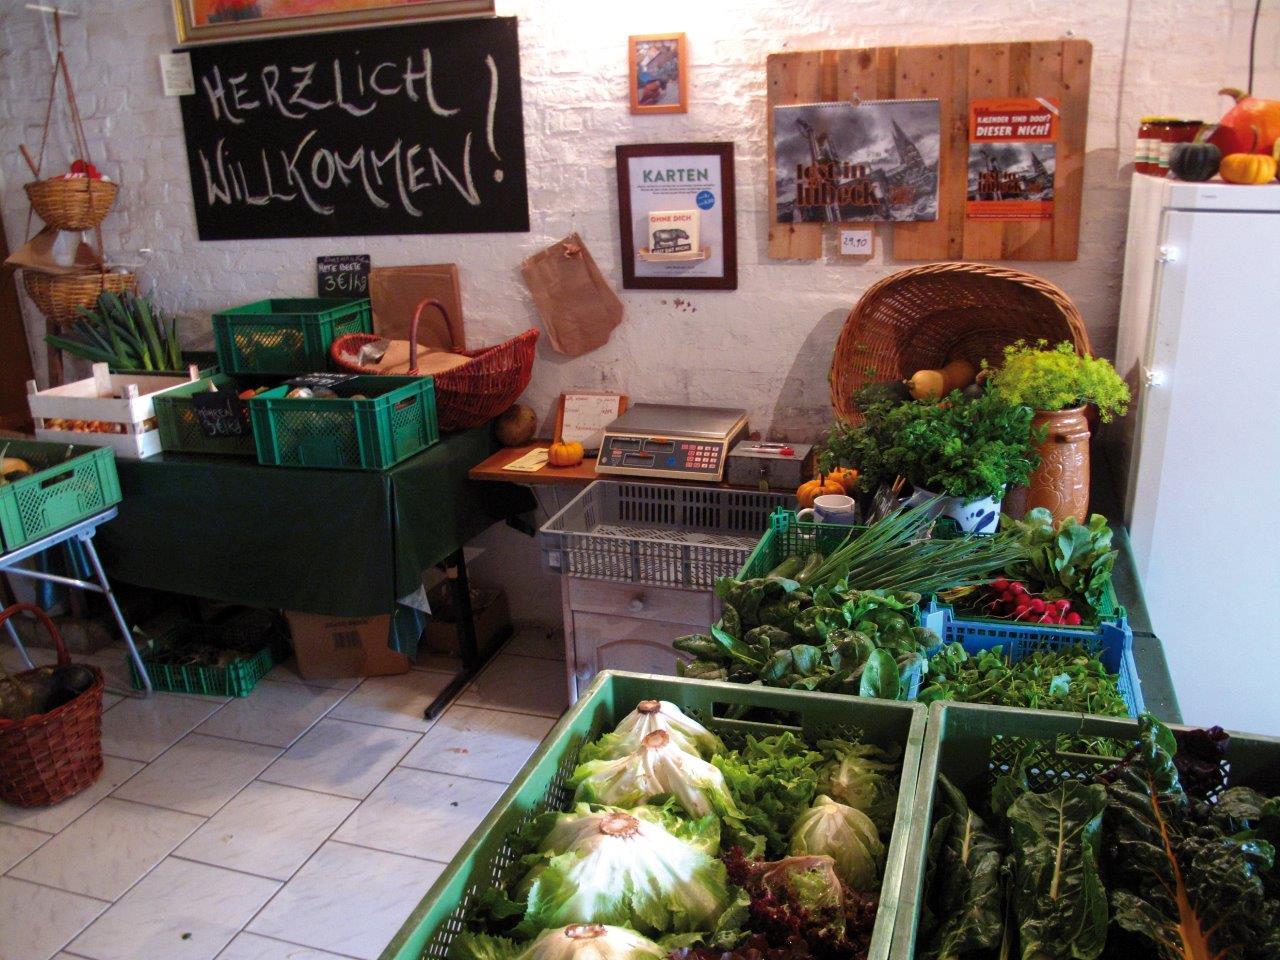 Neue wege gr ndung einer solidarischen landwirtschaft for Depot ahrensburg